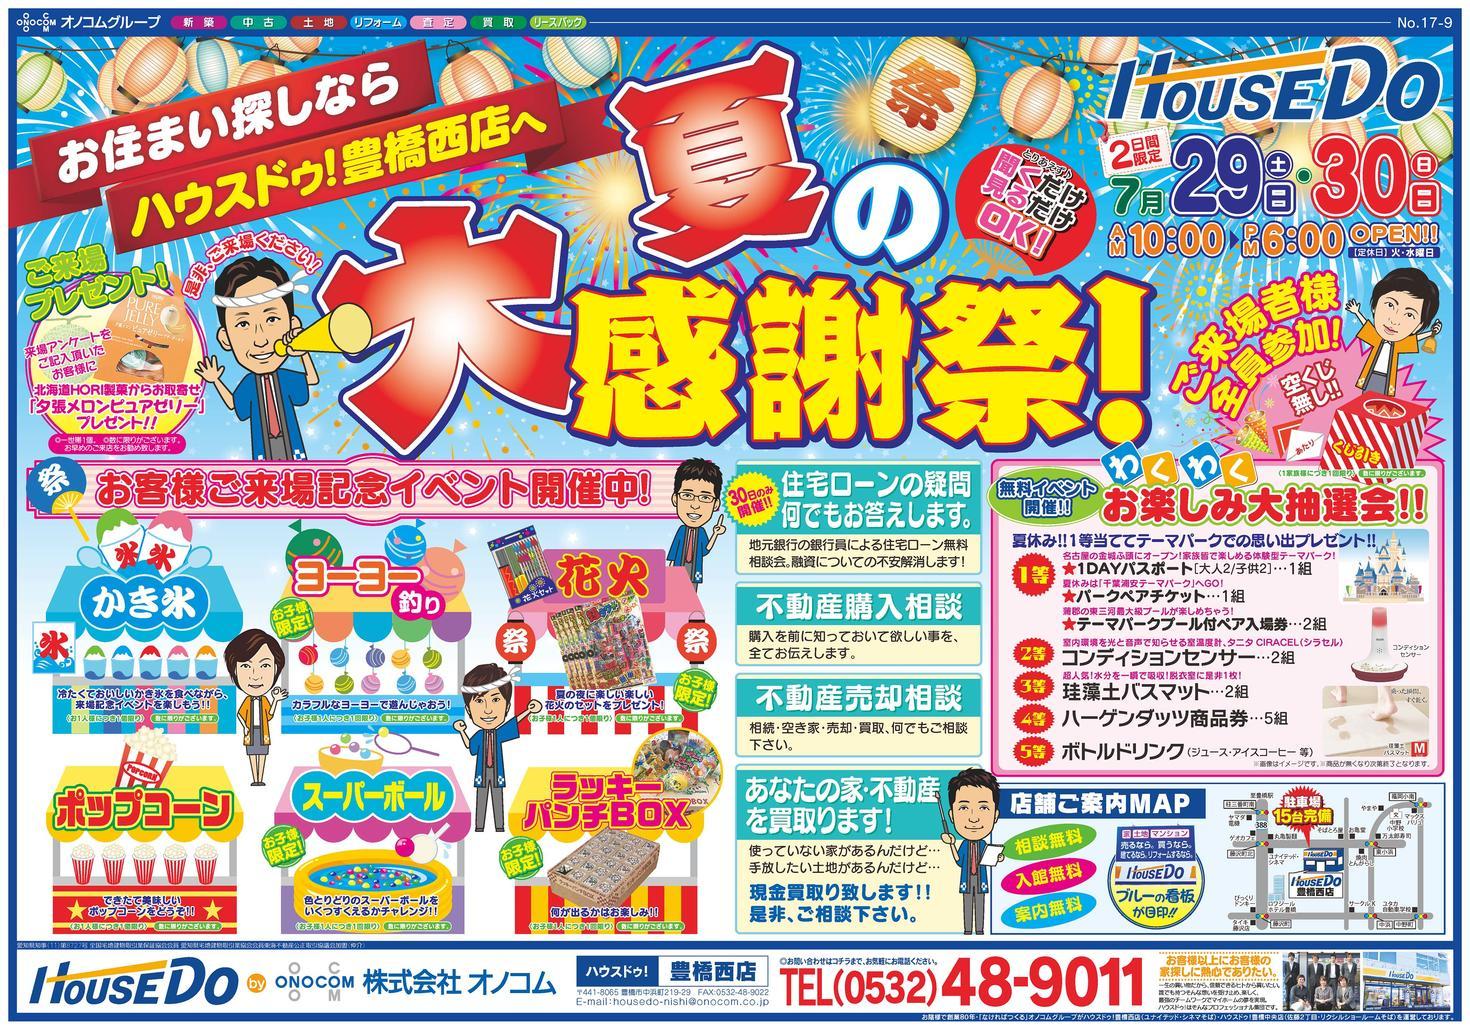 ☆☆豊橋西店 最新不動産チラシ 7月28日号☆☆